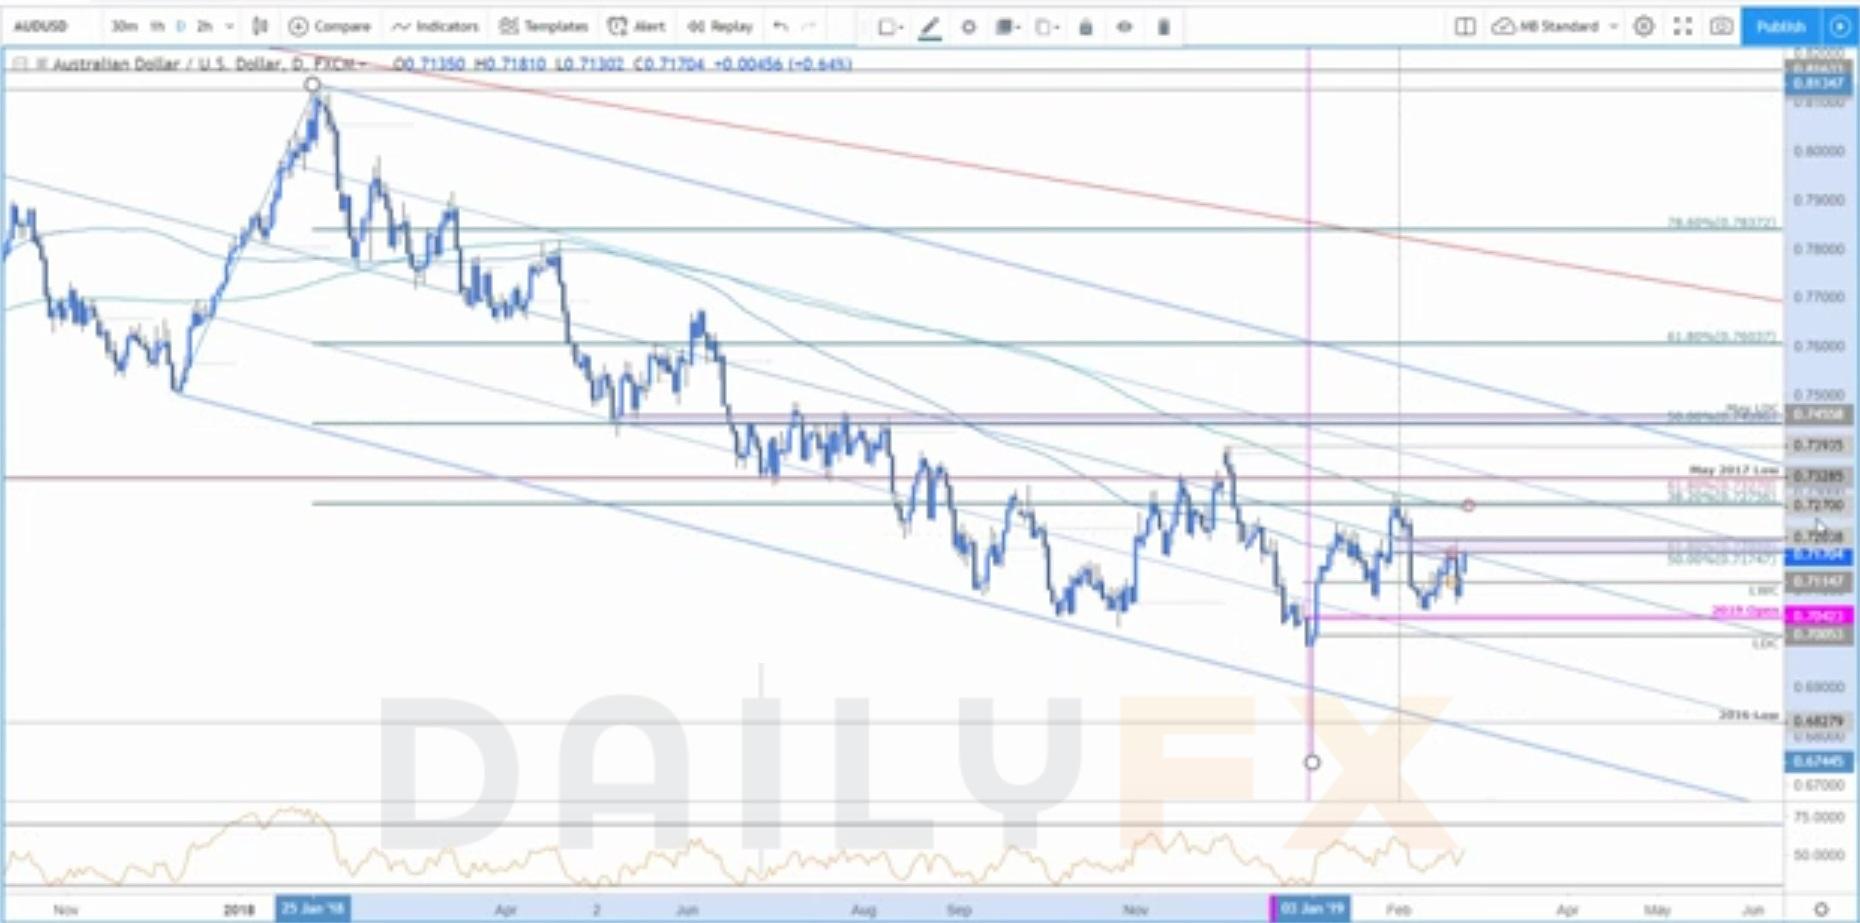 美元指数、欧元/美元、澳元/美元、黄金值得关注的点位